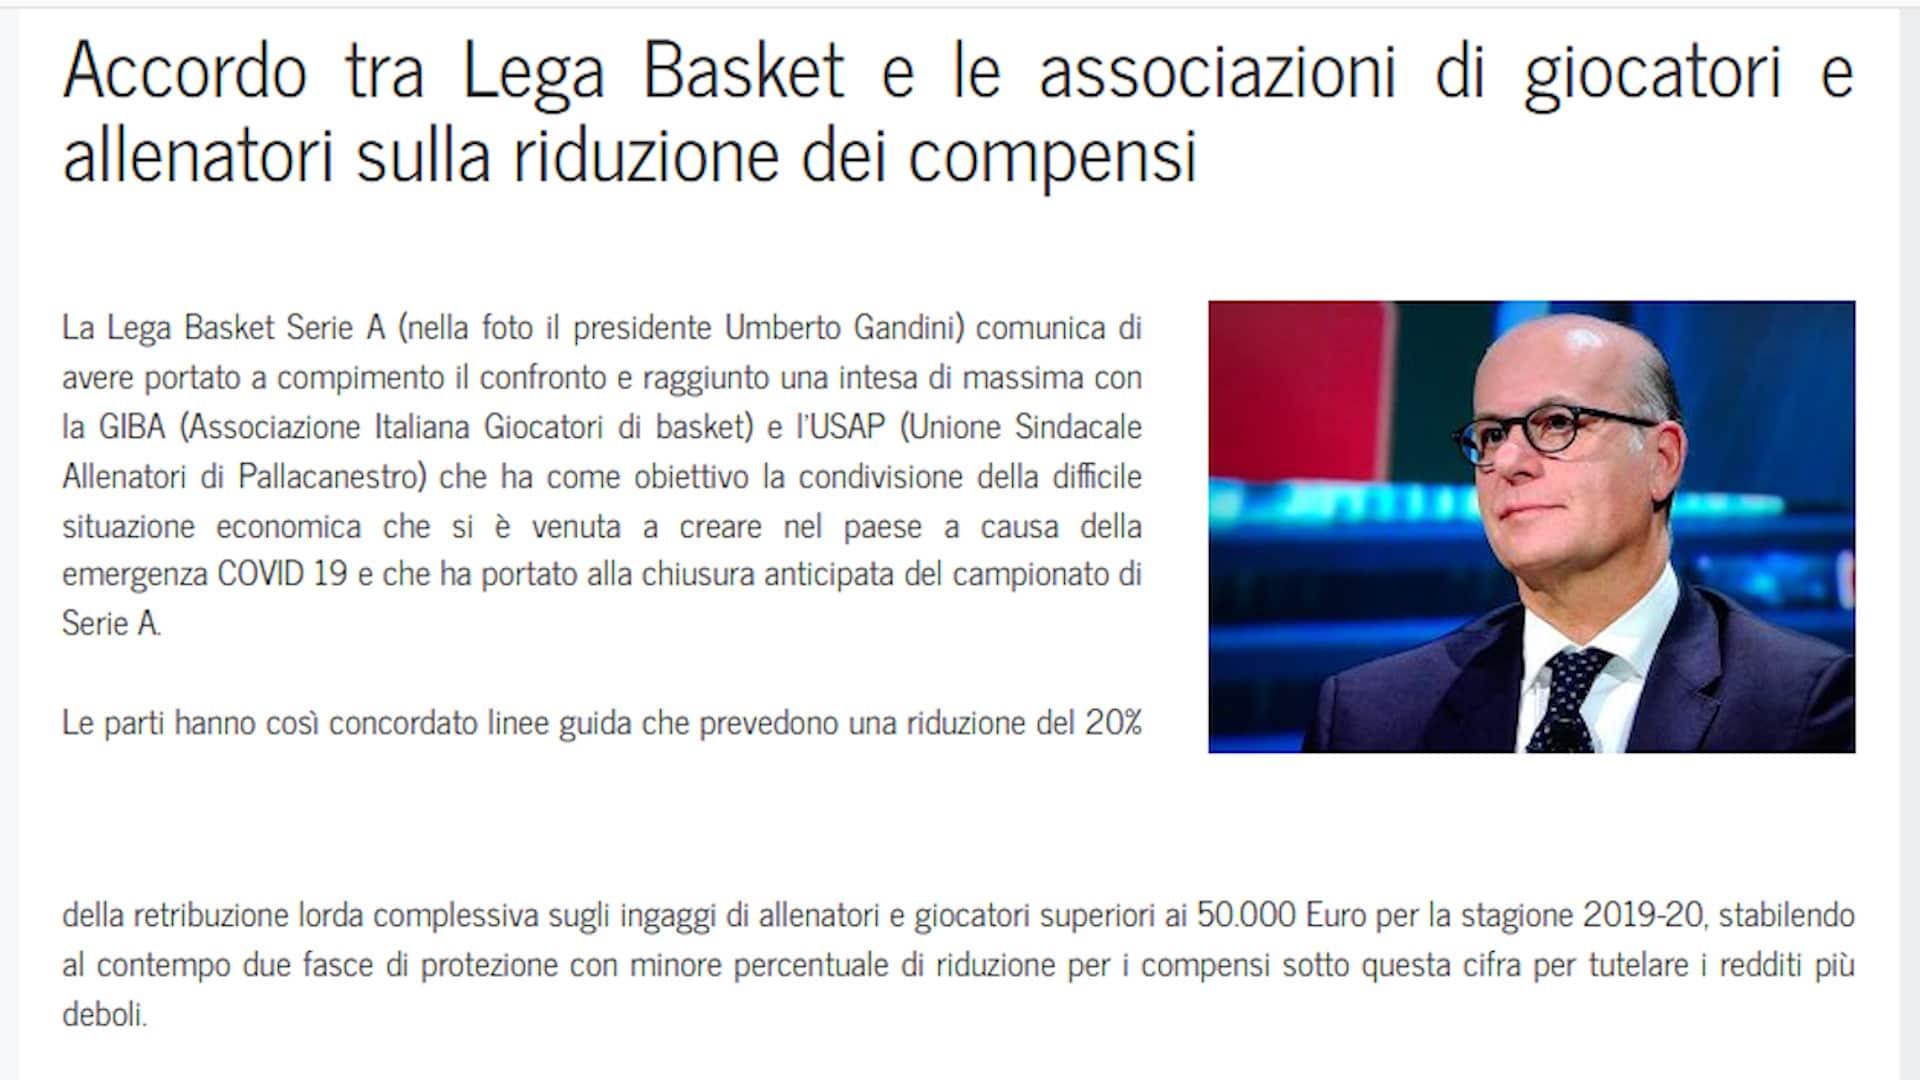 Accordo Lega Basket-giocatori: stipendi tagliati del 20%